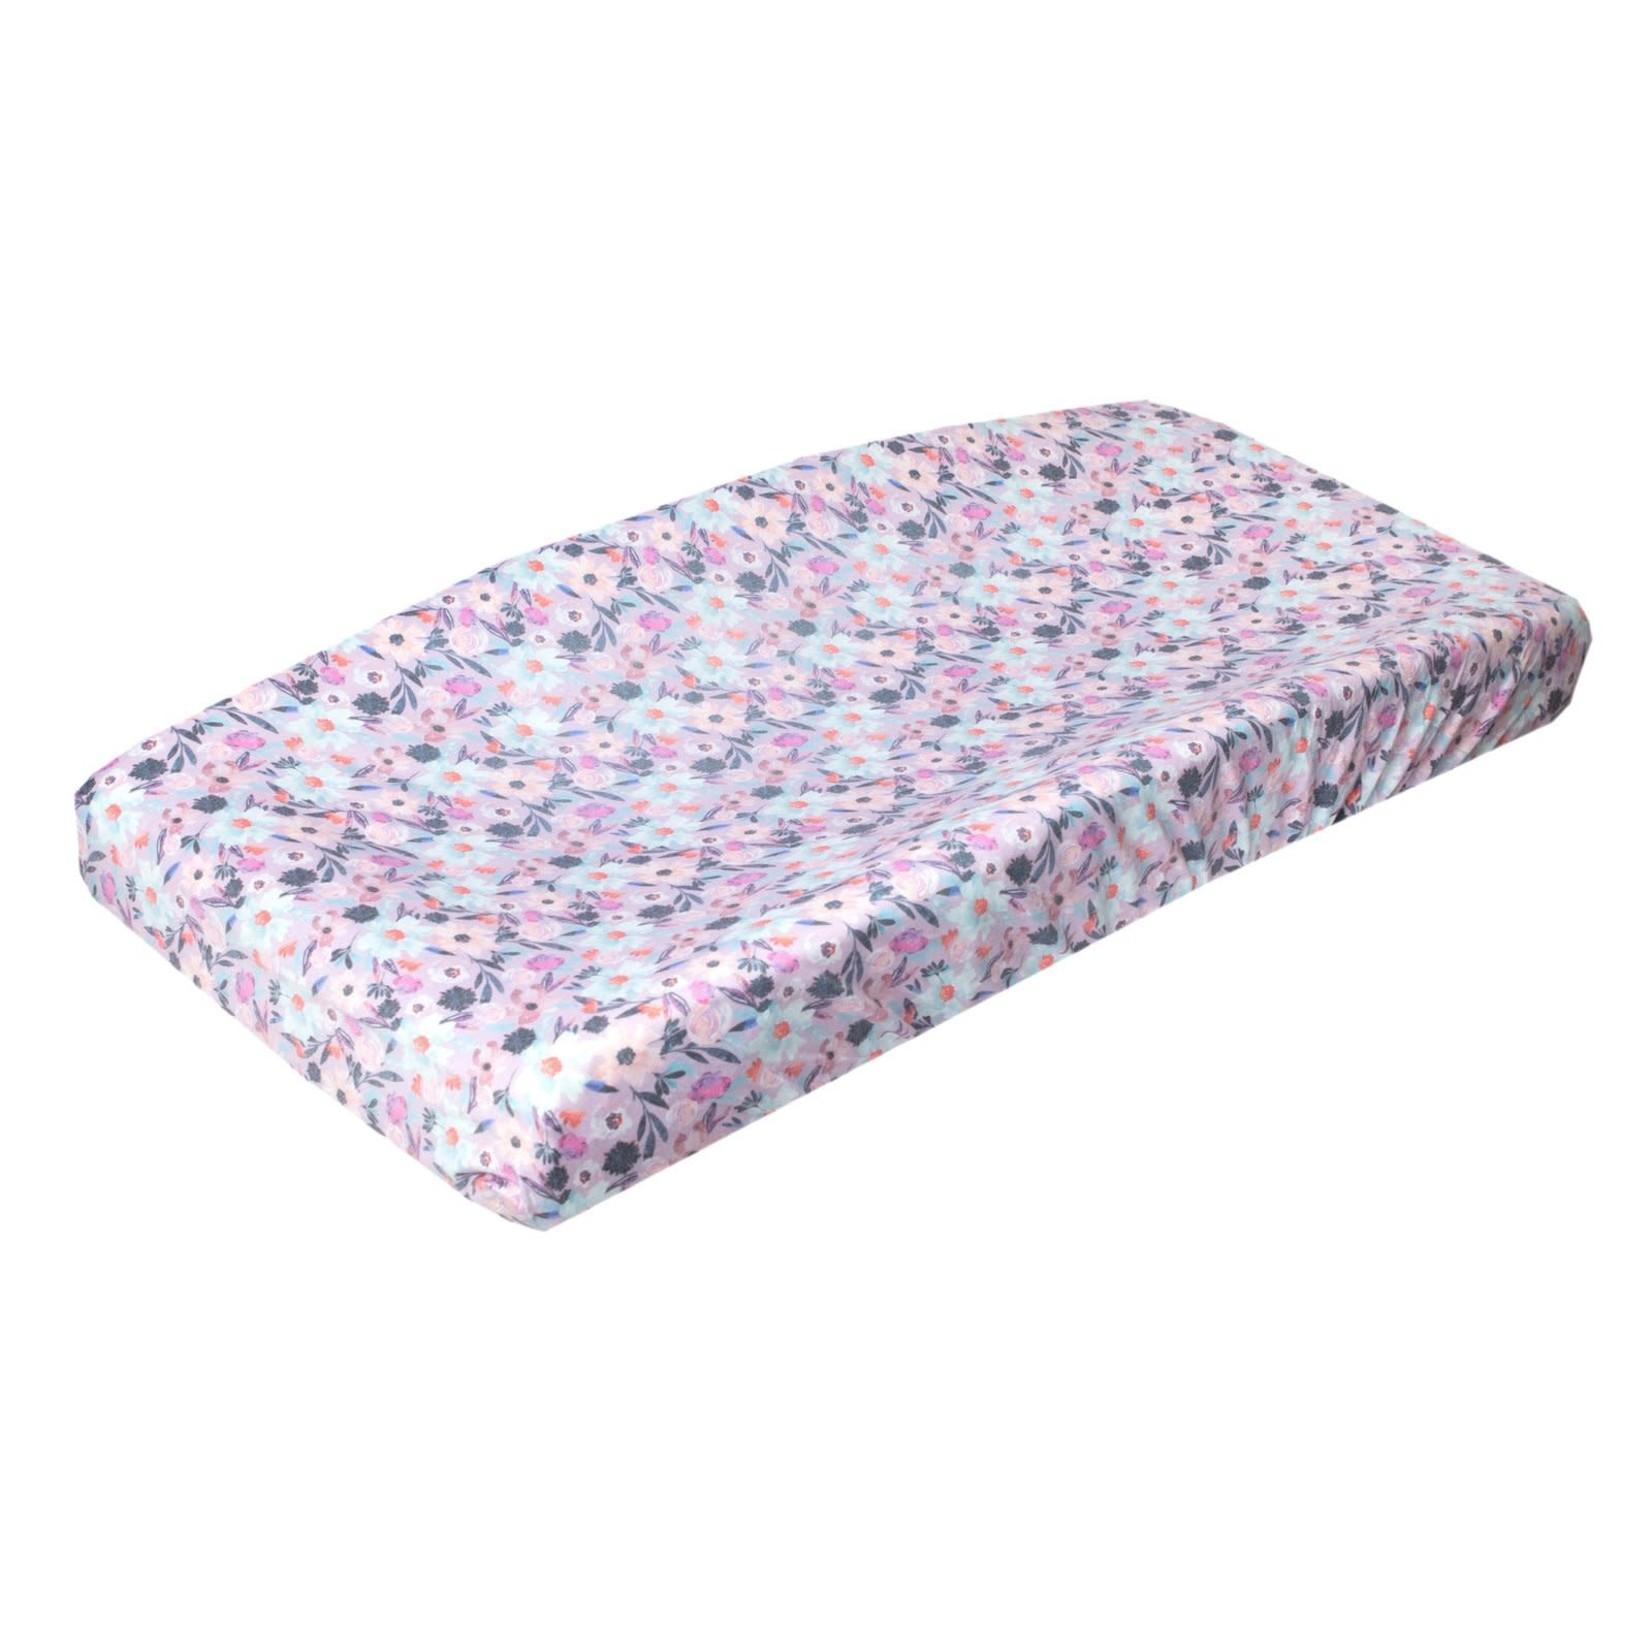 Copper Pearl Premium Diaper Changing Pad Cover Morgan